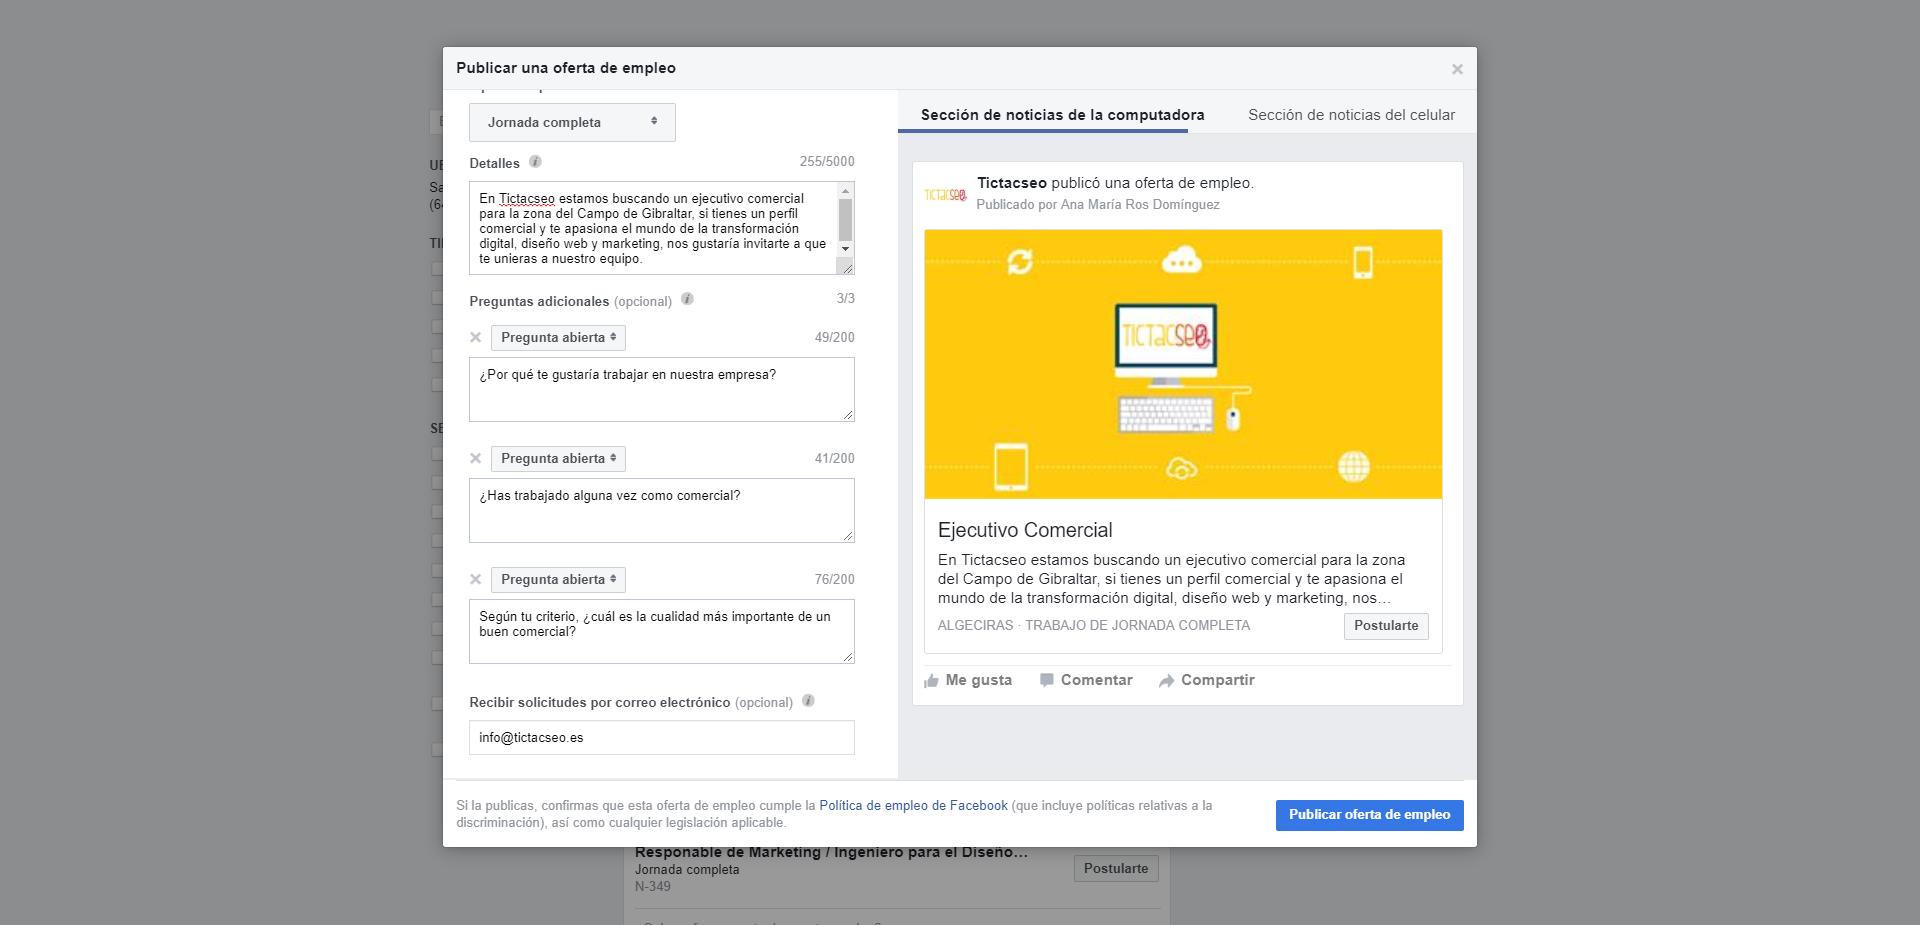 paso 2 para publicar una oferta de empleo en facebook